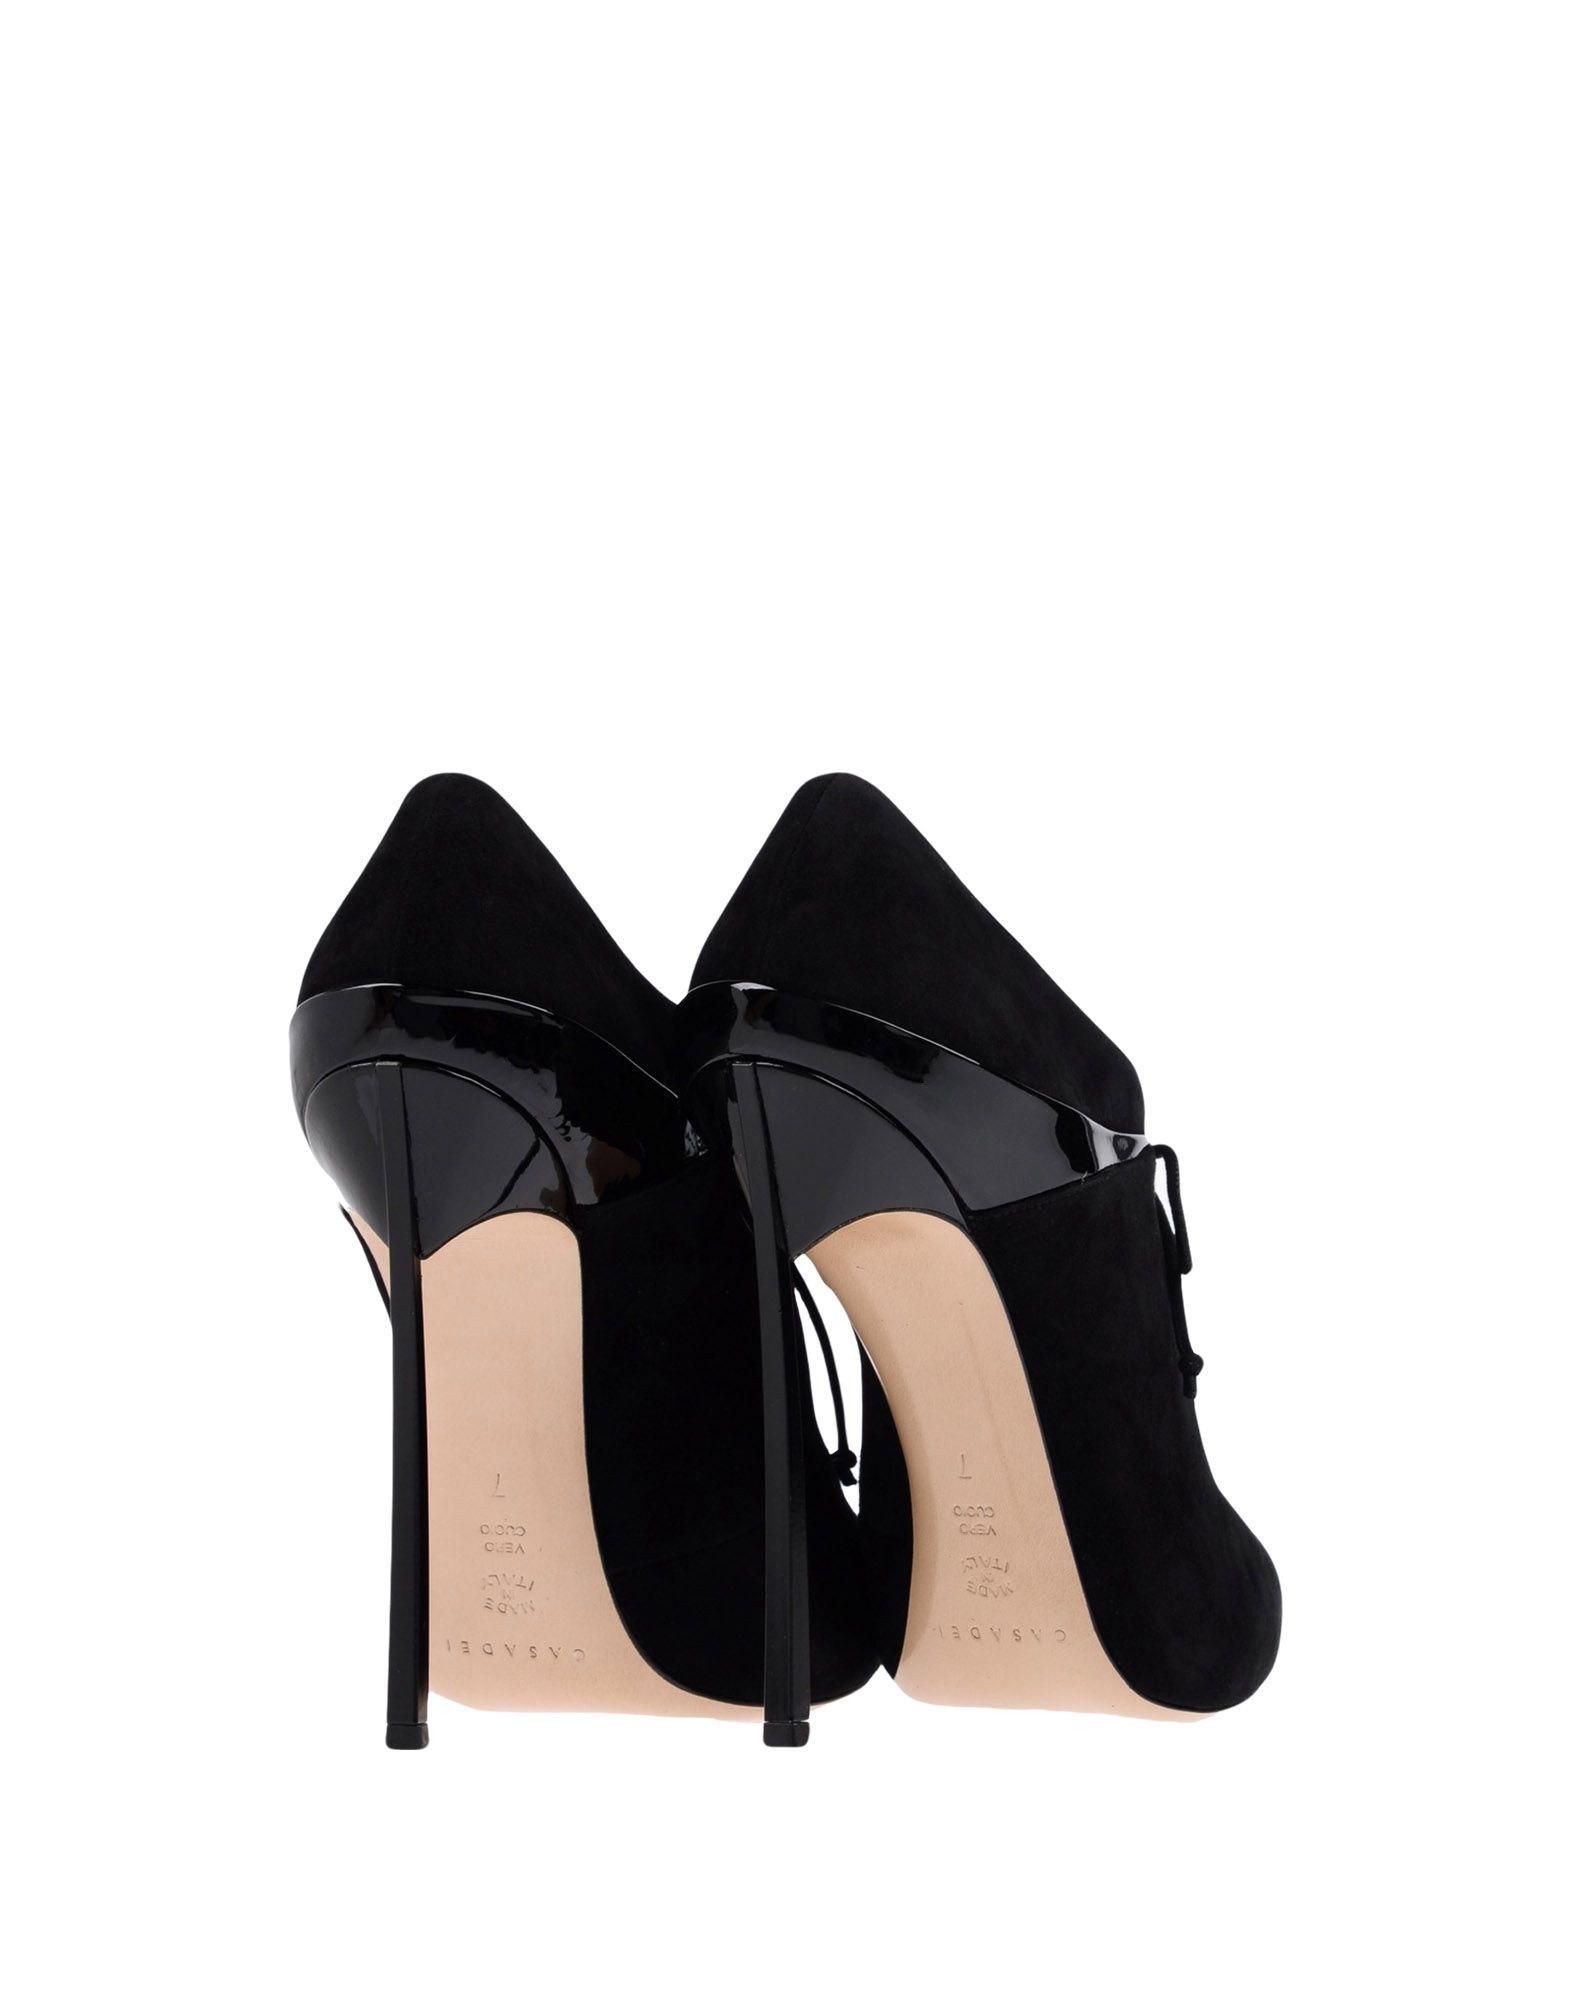 Casadei Schnürschuhe Damen gut  11309138TSGünstige gut Damen aussehende Schuhe c1b63e